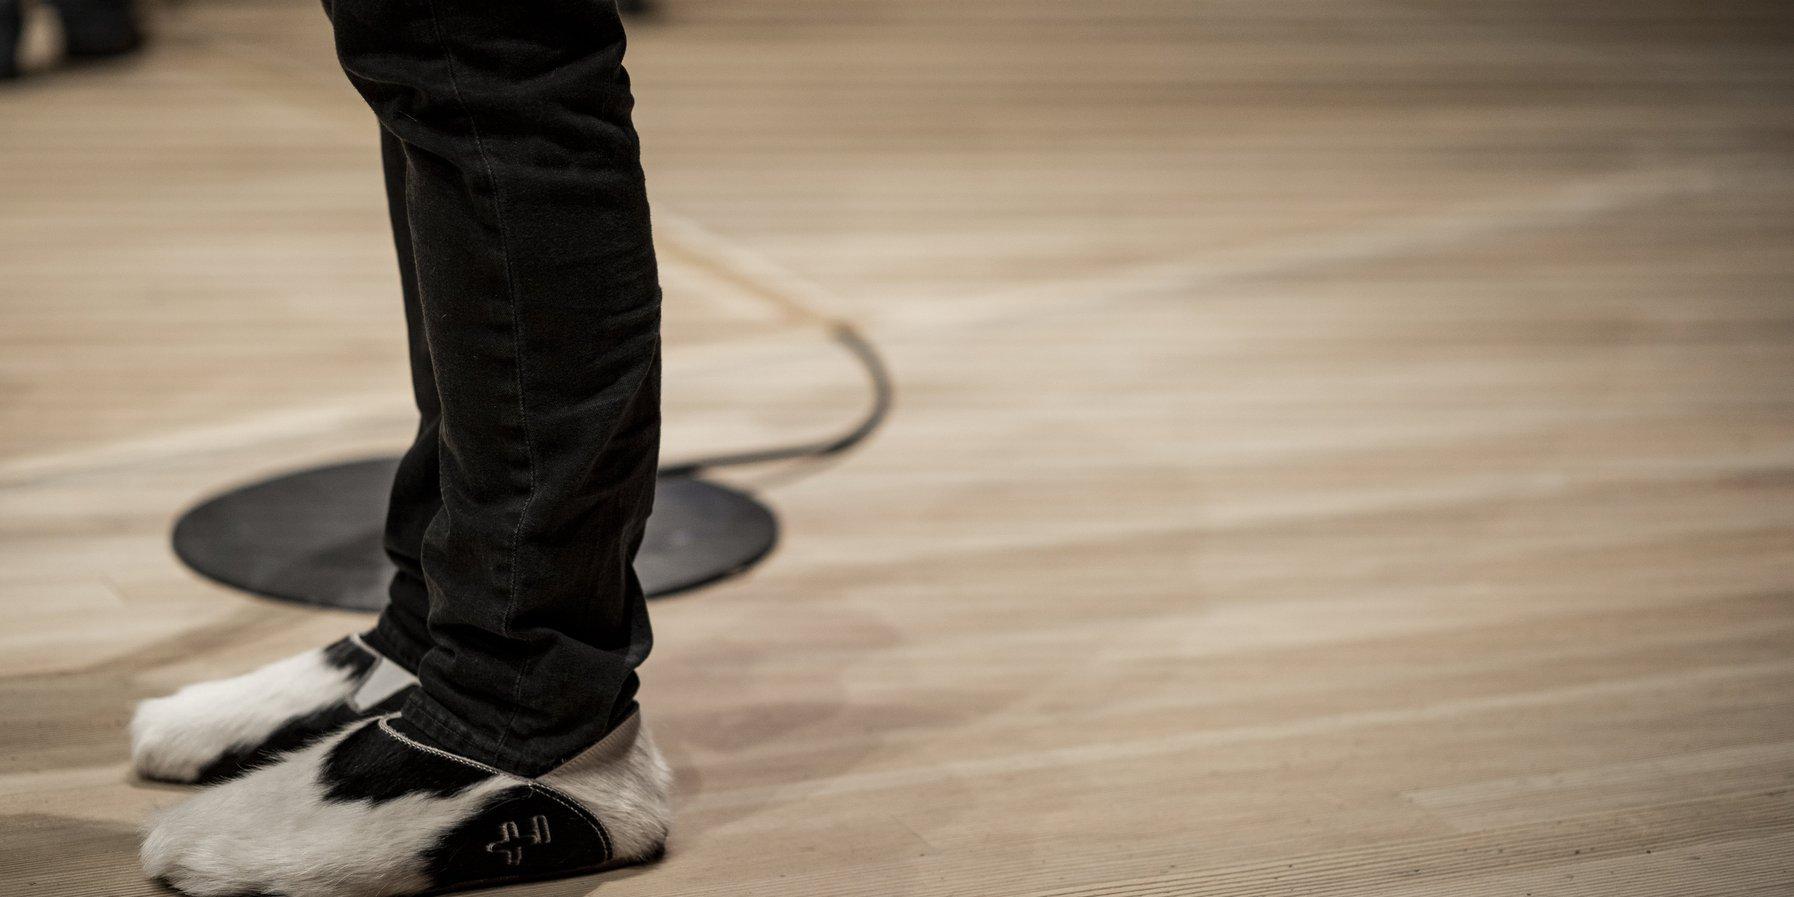 Solist's shoes